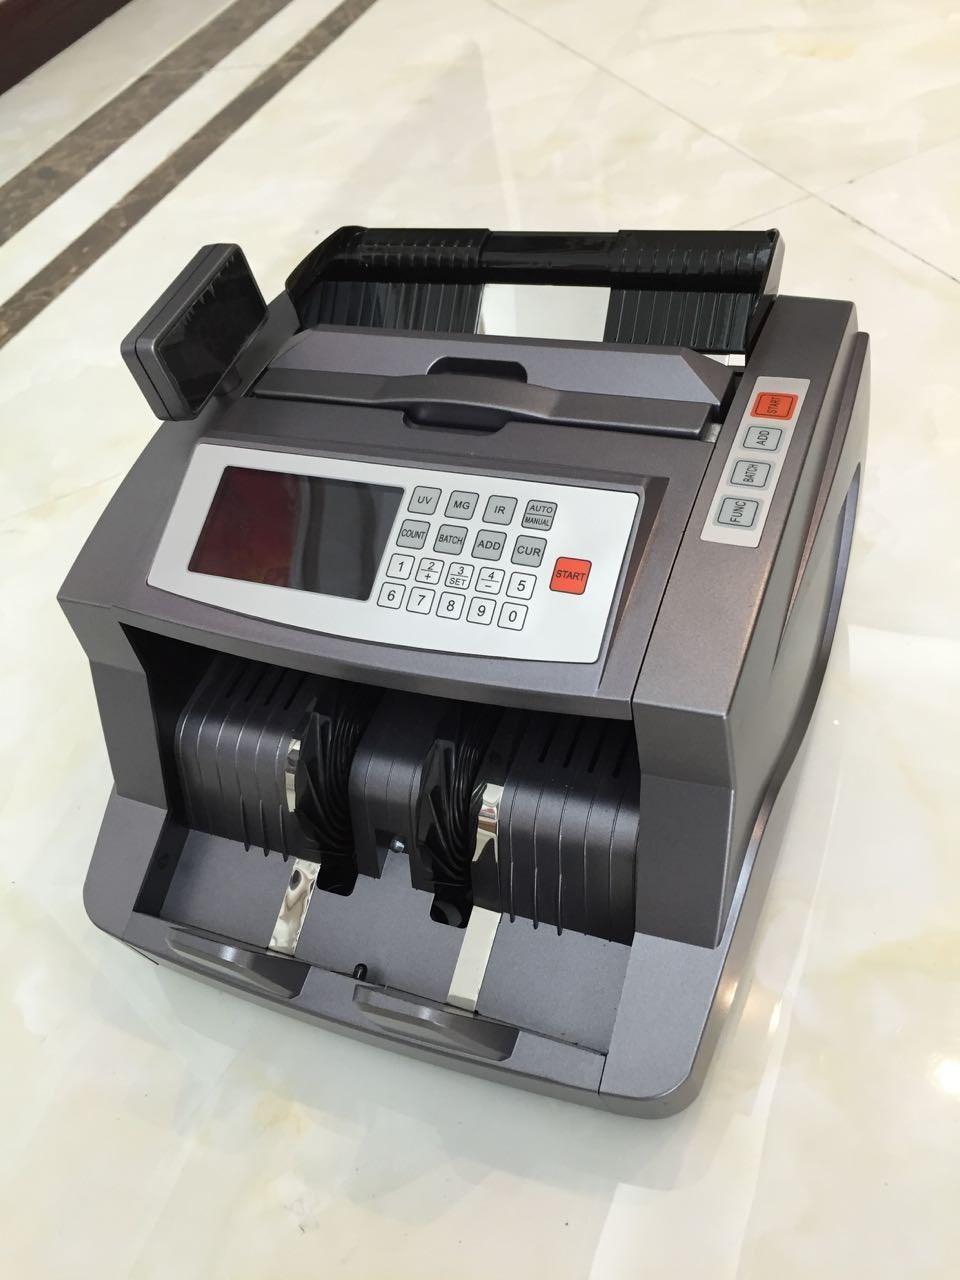 inr checking machine